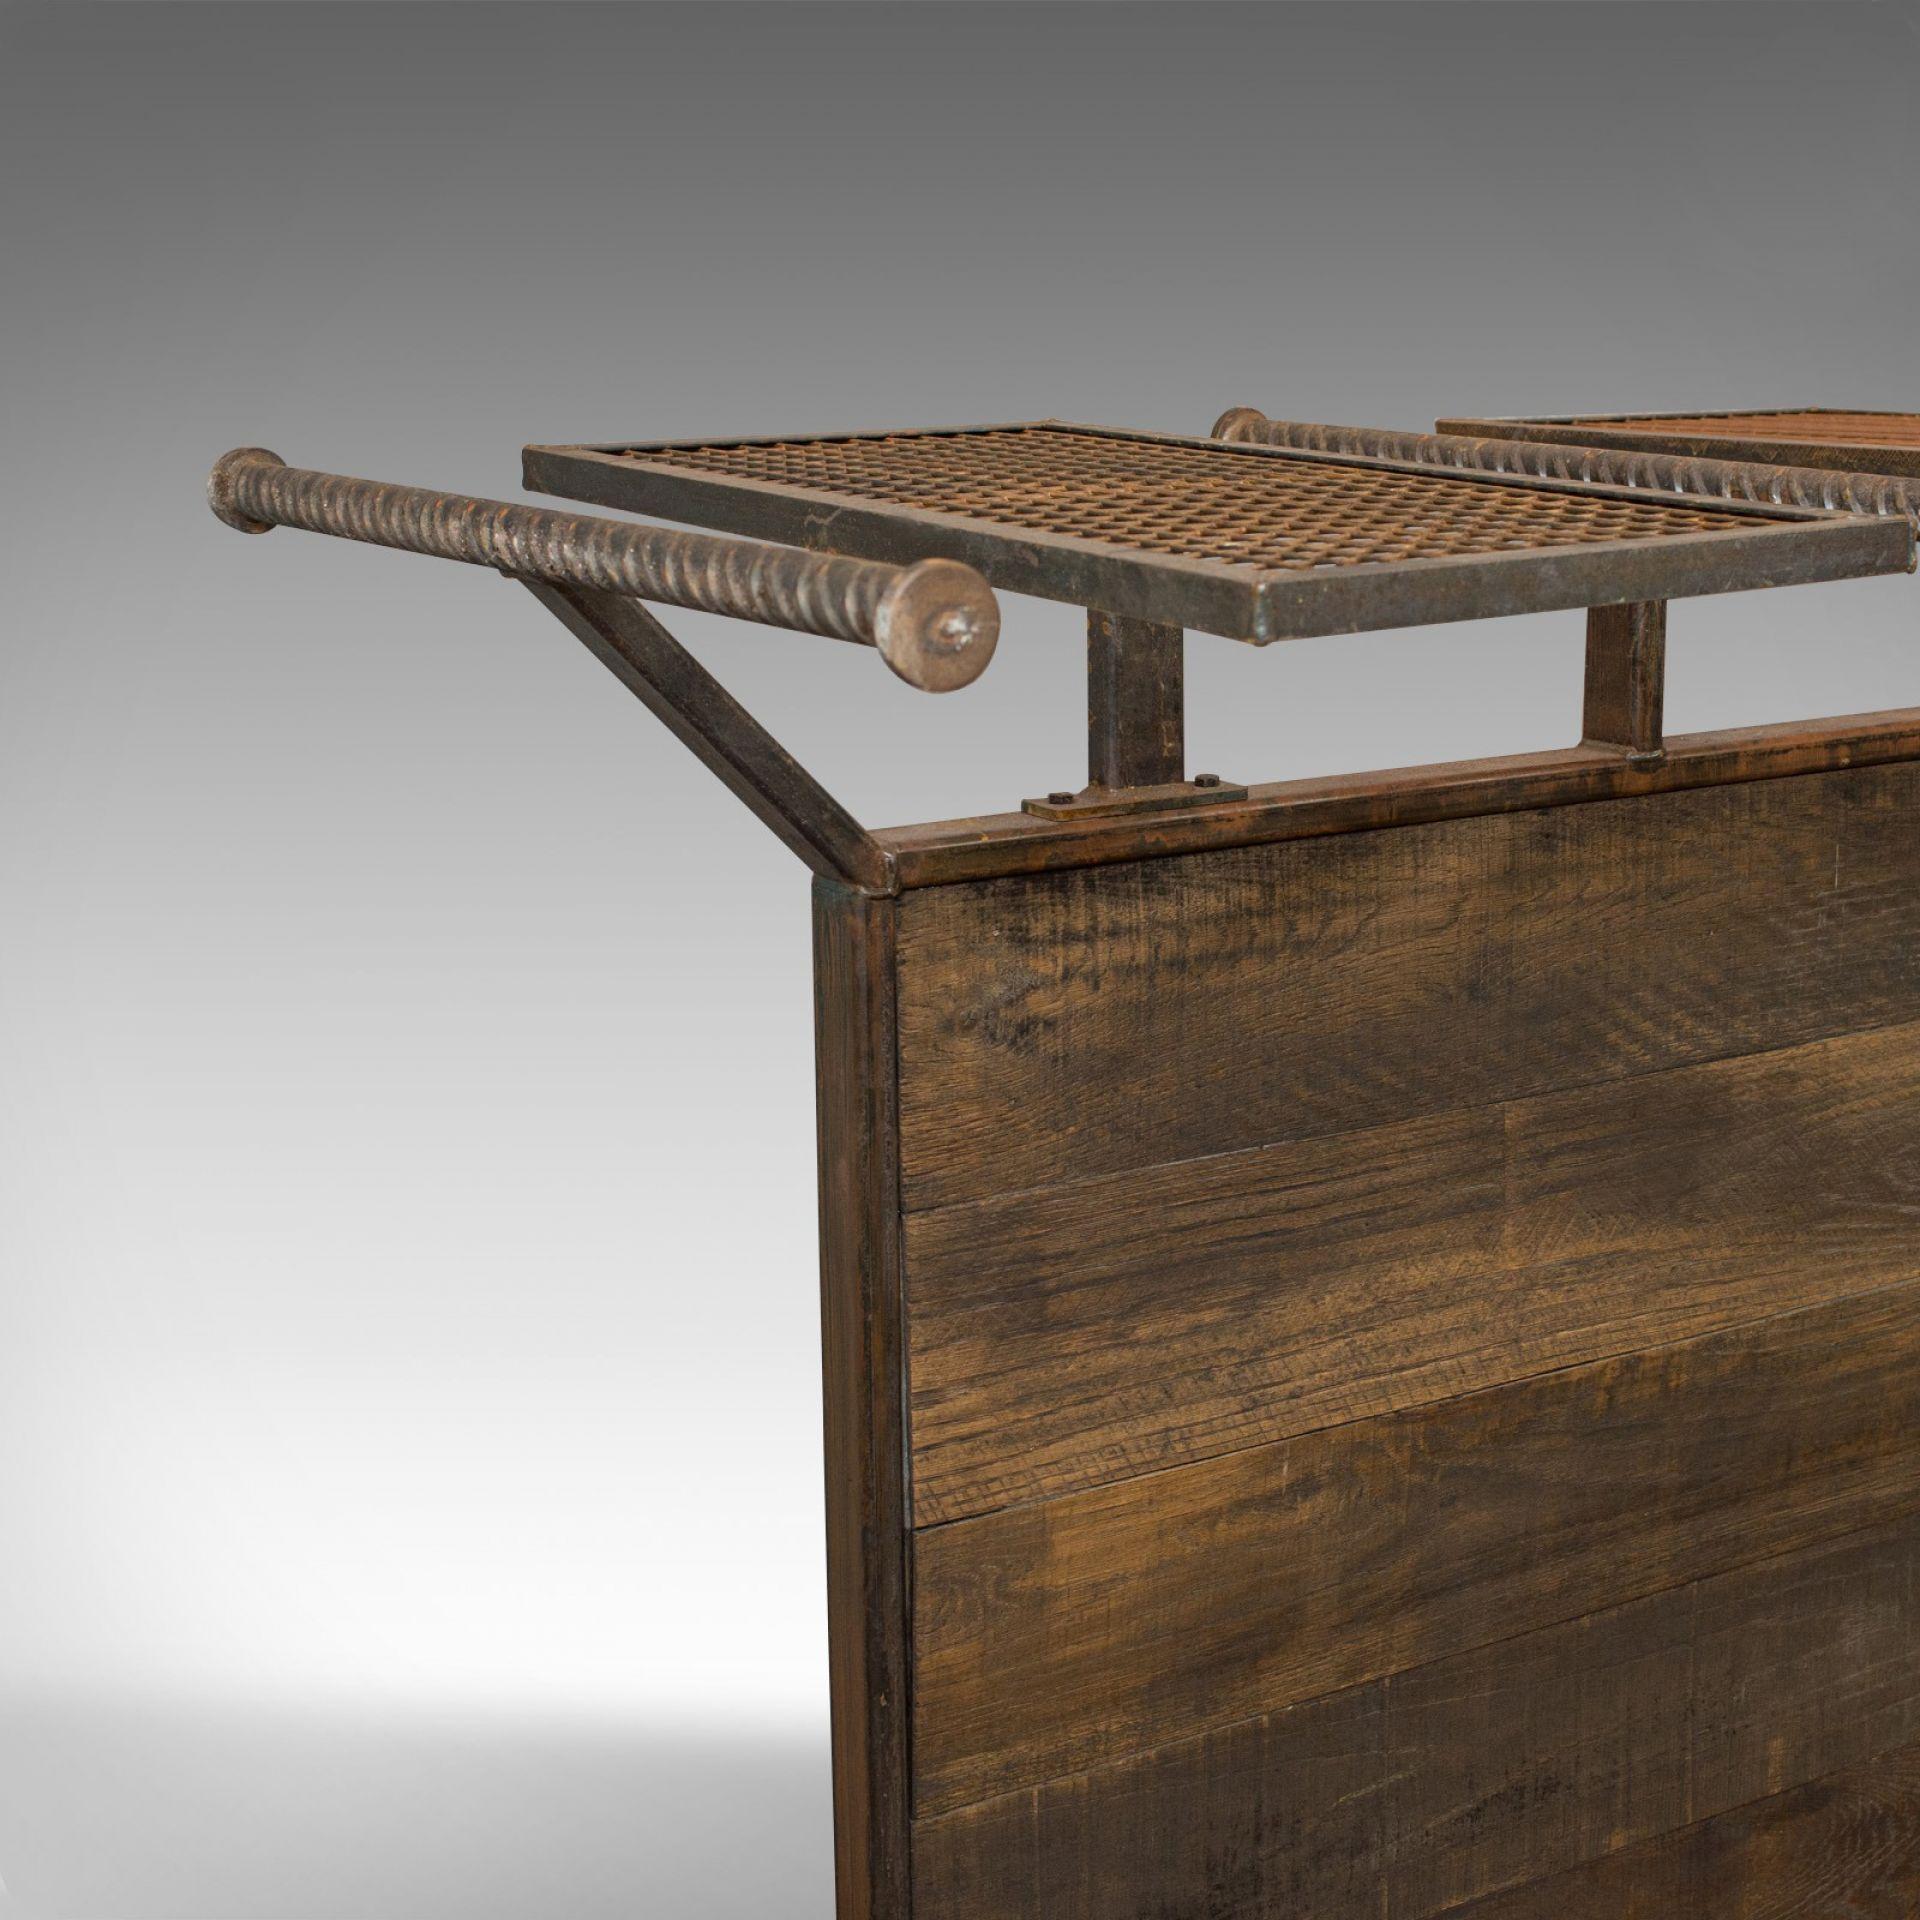 Vintage Clothes Hanging Rail, Steel, Oak, Retail Display, Industrial Taste C20th